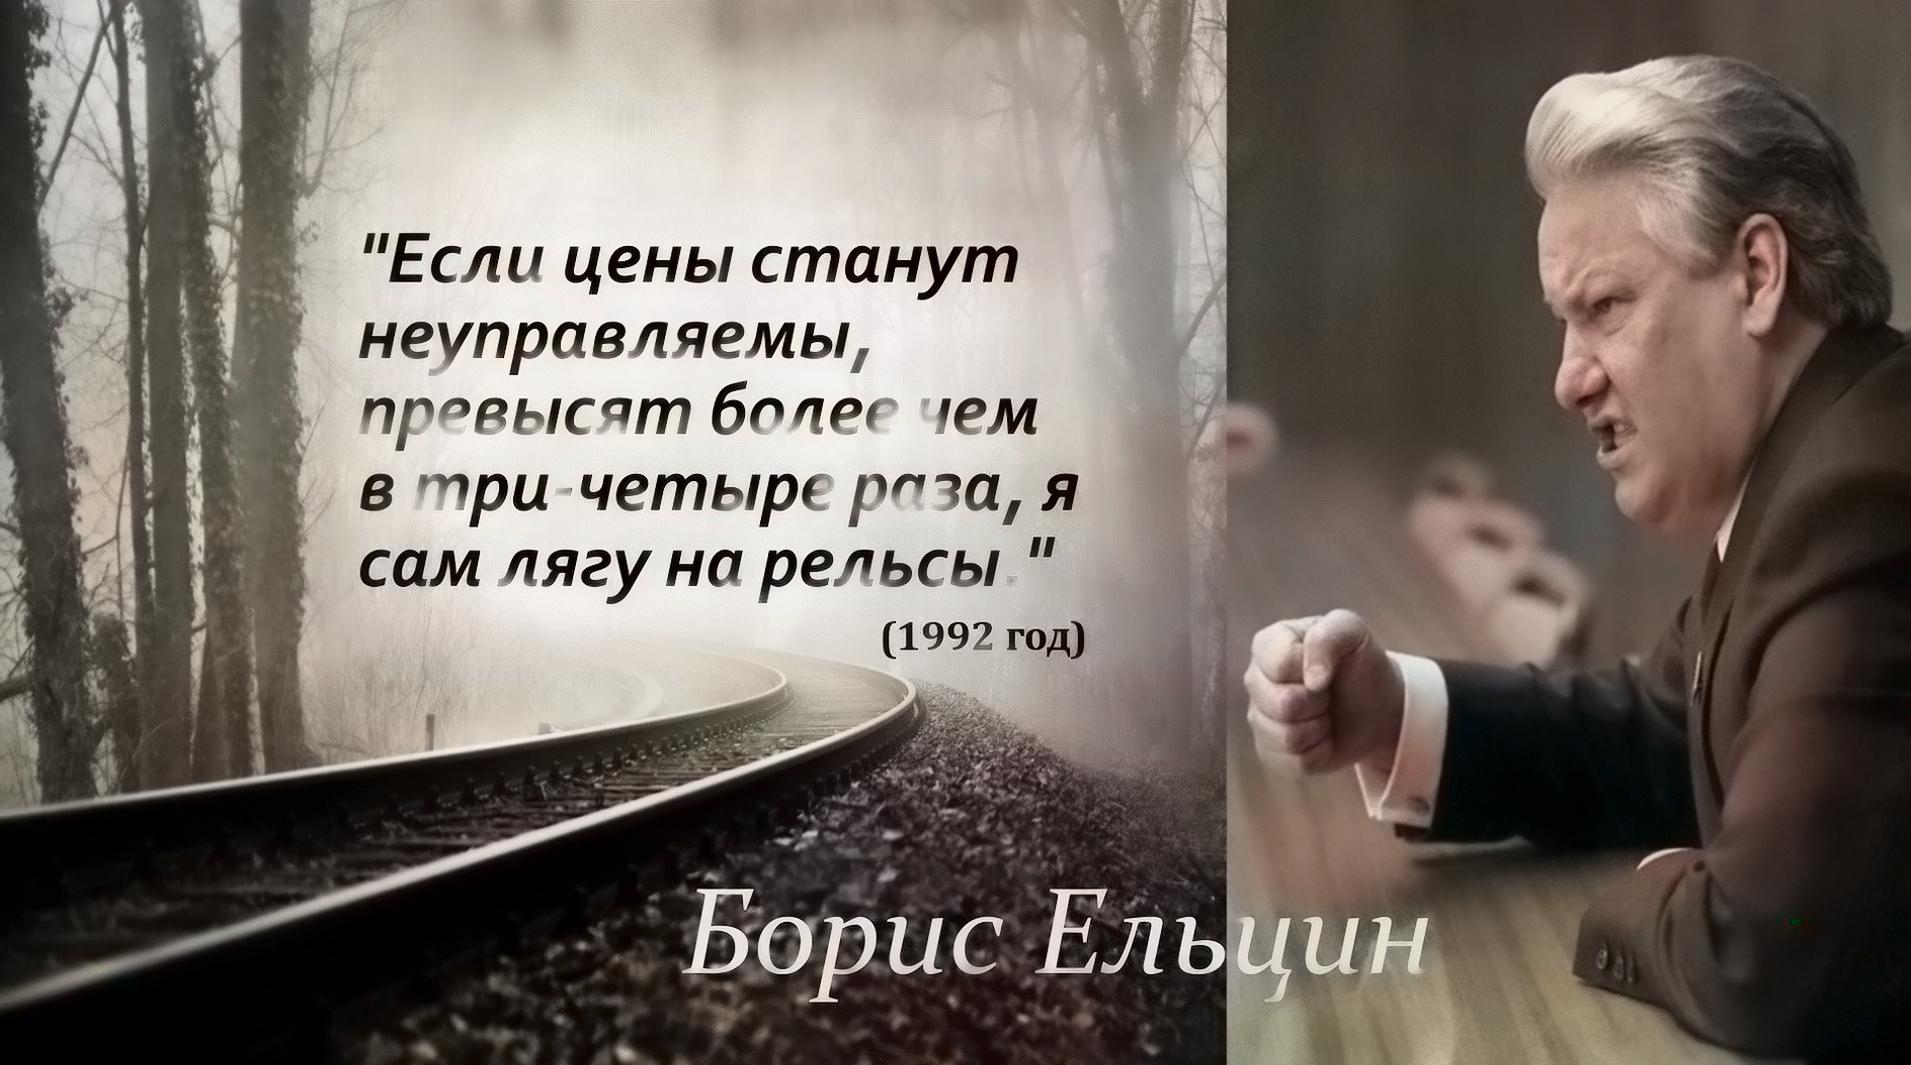 Венчание потомка Романовых в Санкт-Петербурге: трезвый взгляд